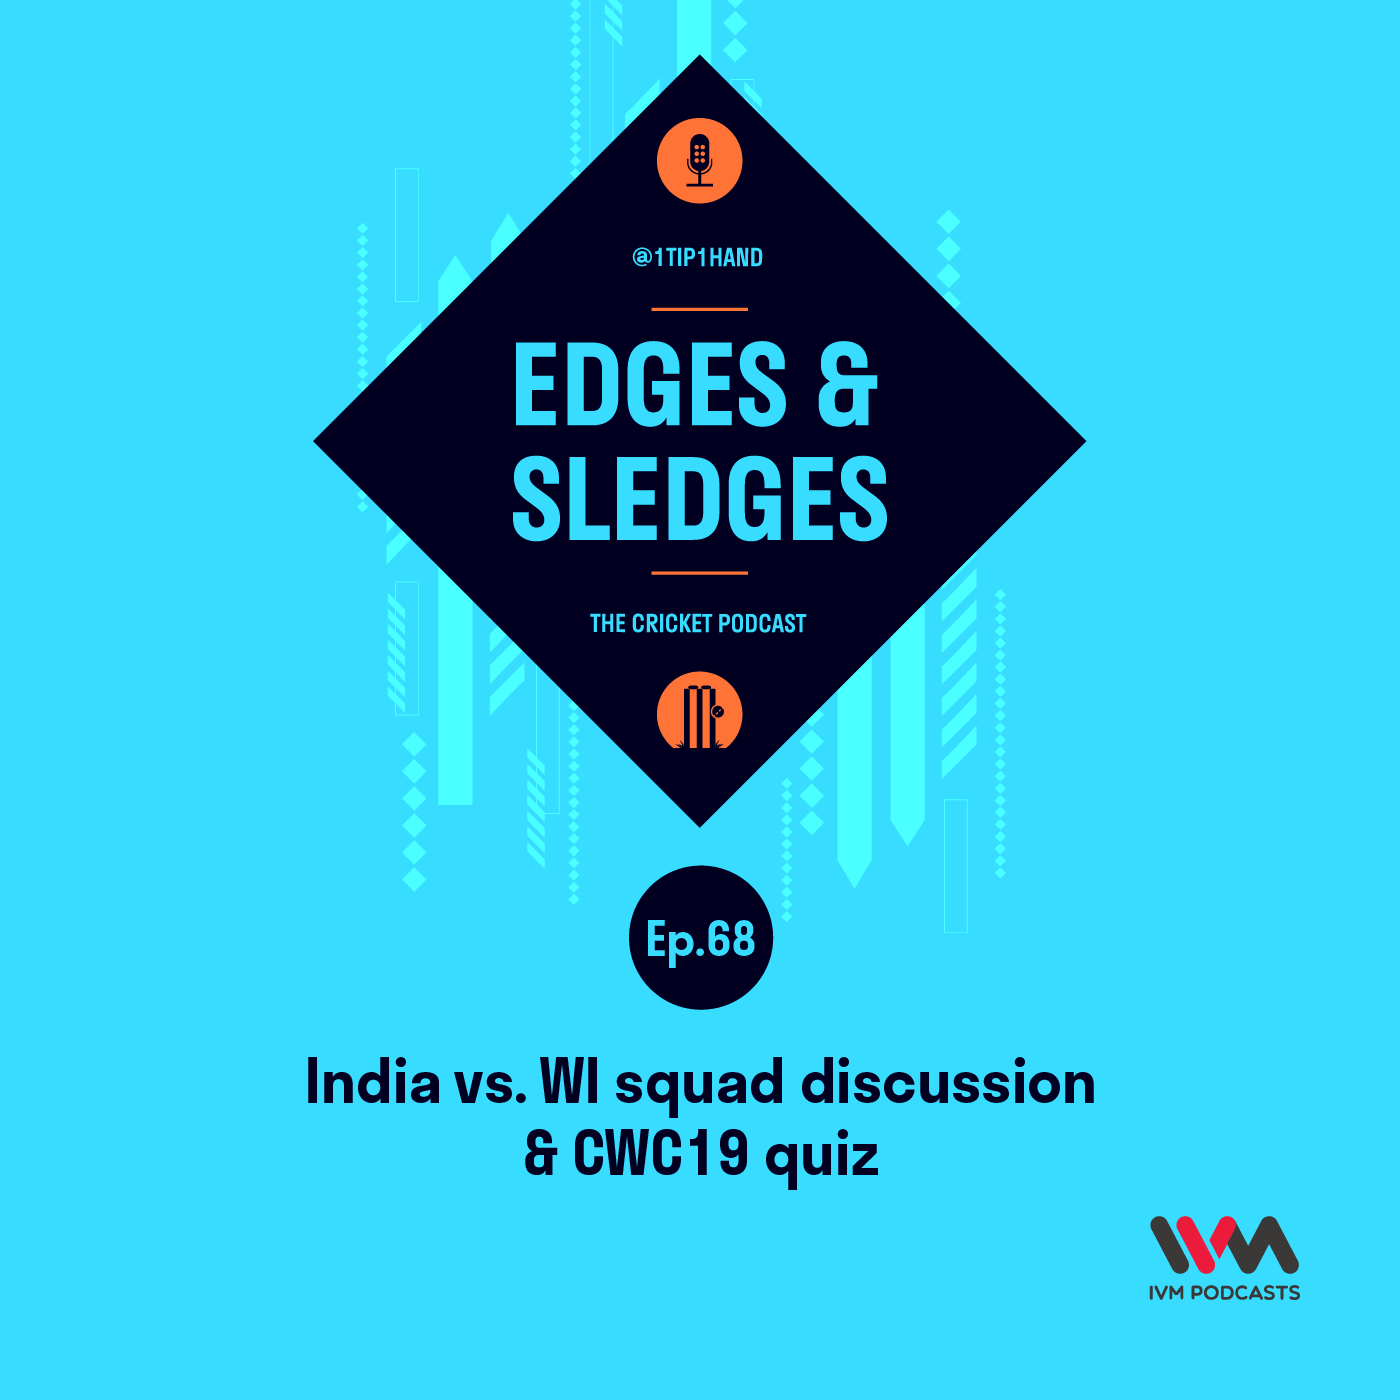 Ep. 68: India vs. WI squad discussion & CWC19 quiz